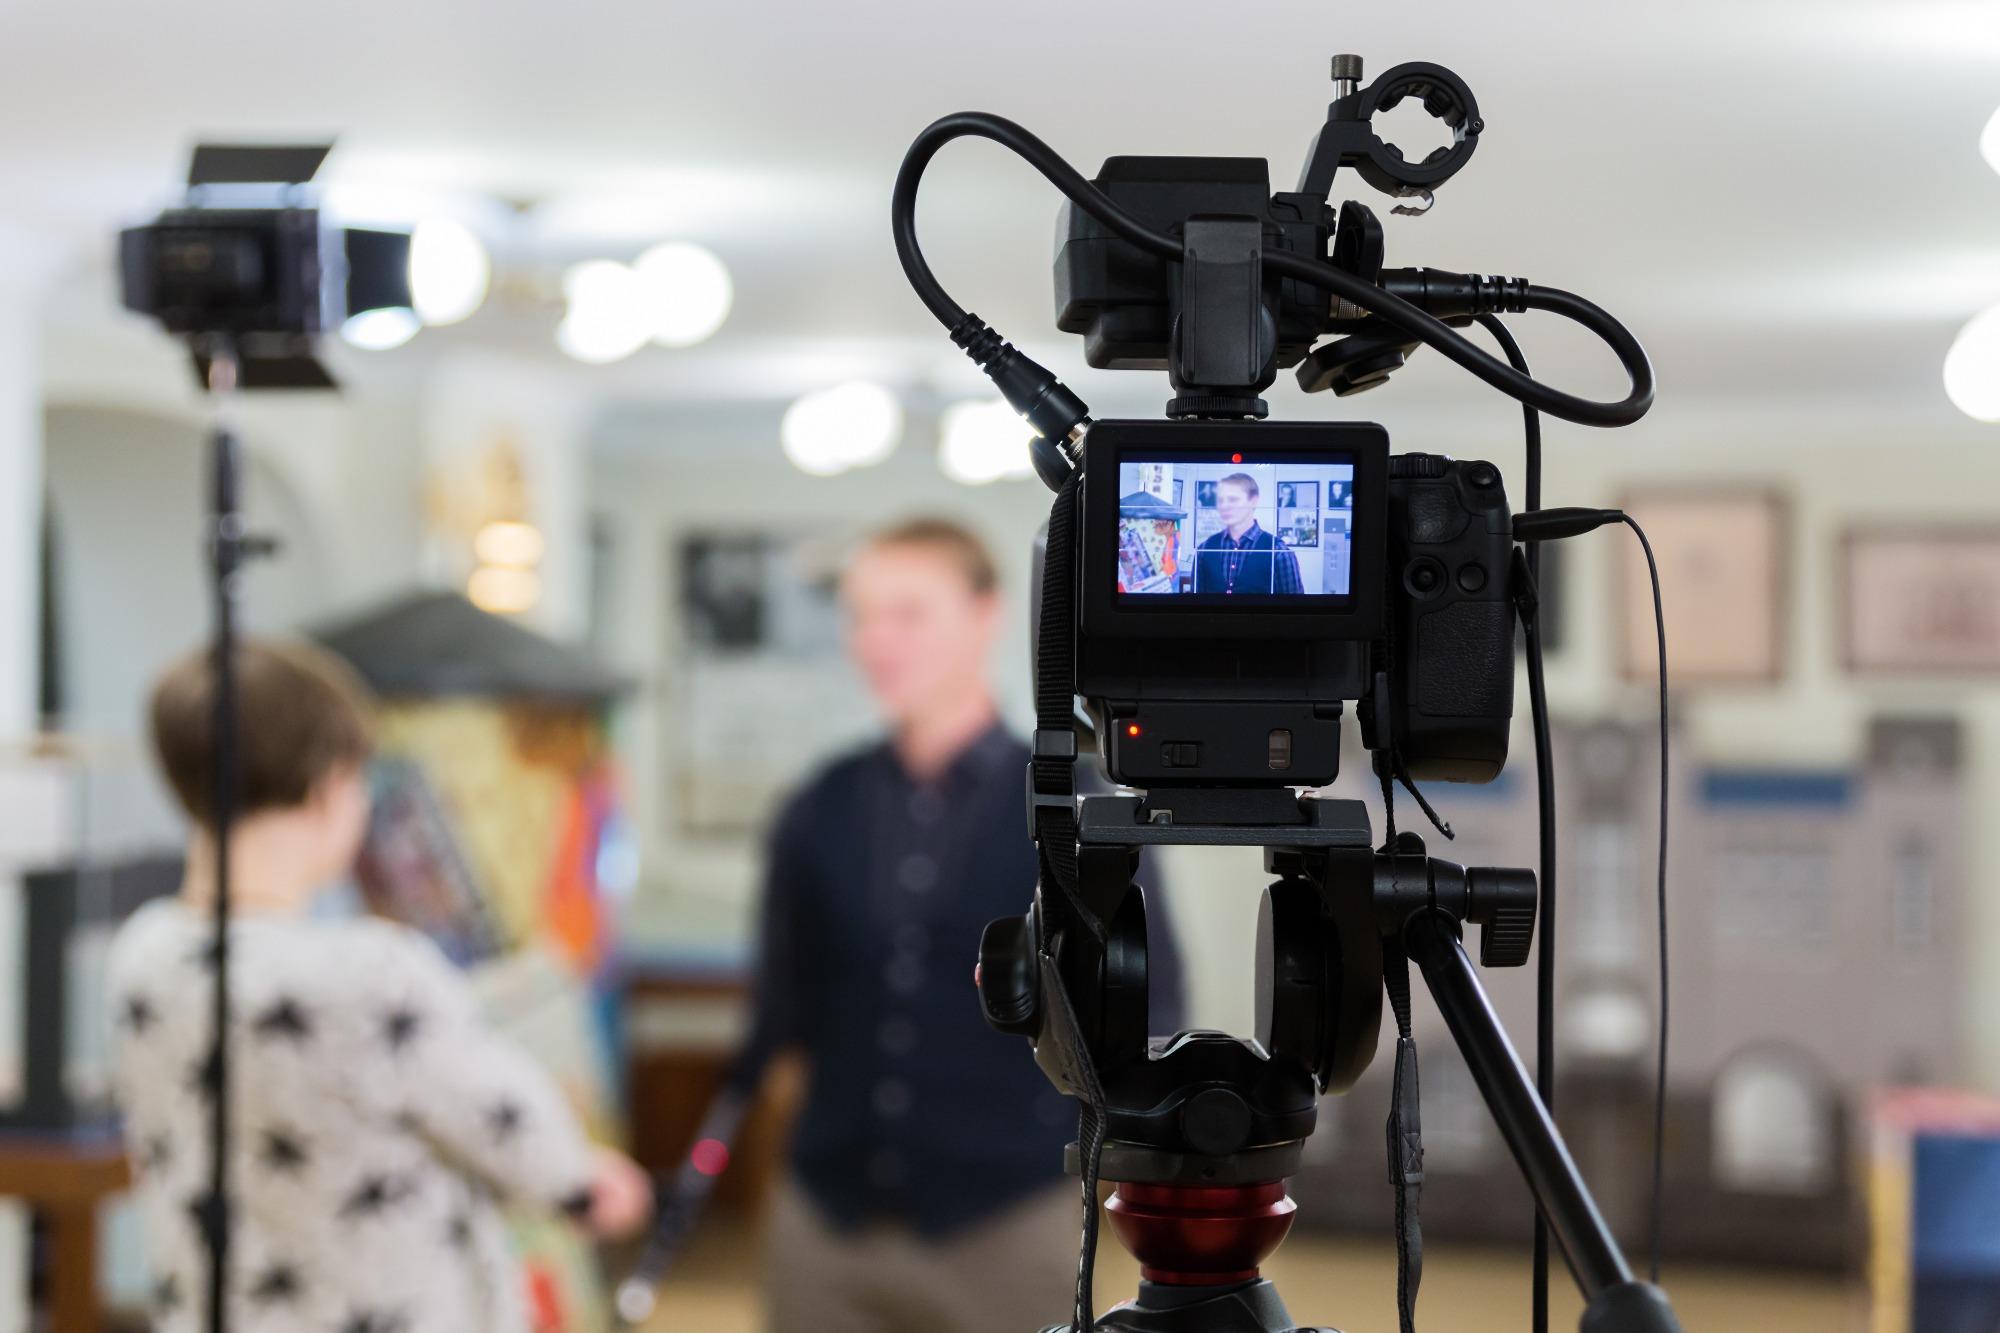 Caméra filmant des participants à un tournage vidéo